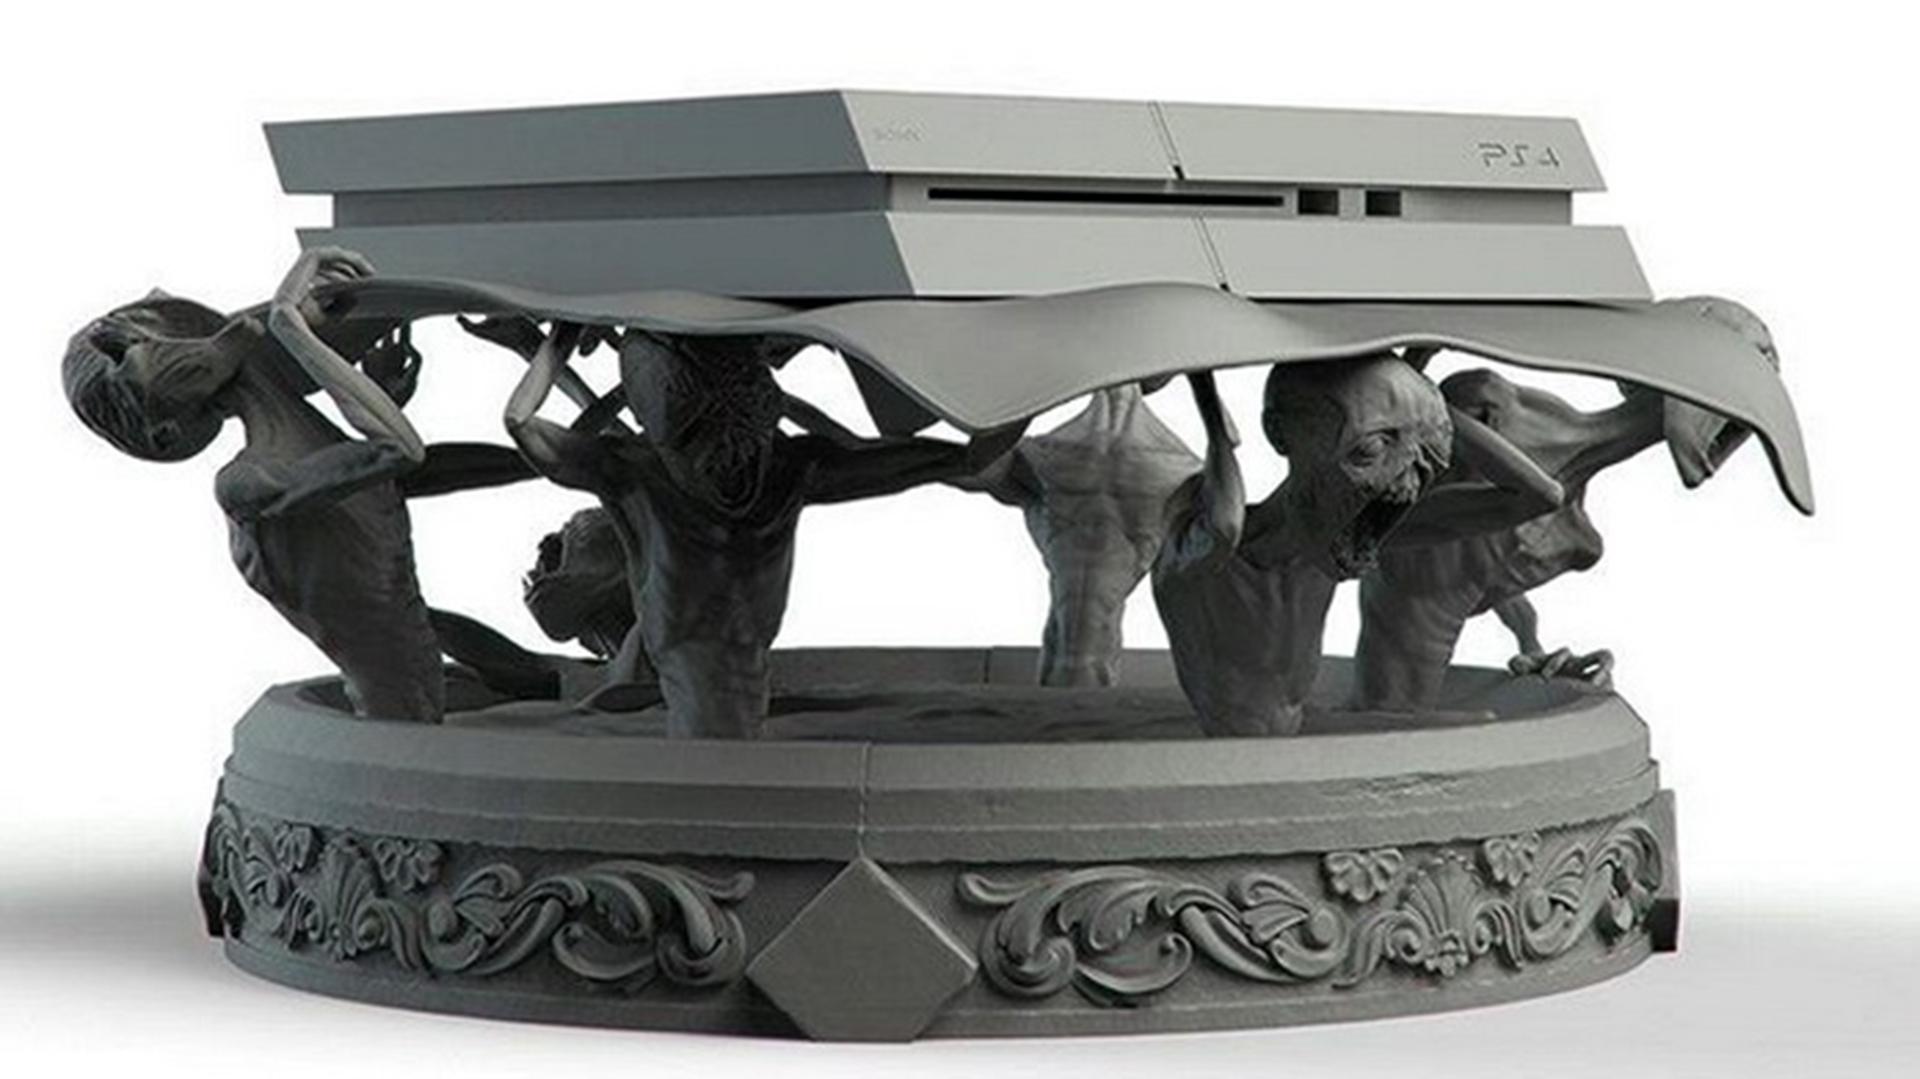 2. El Playstation 4 Alırken Nelere Dikkat Etmek Gerekir ?